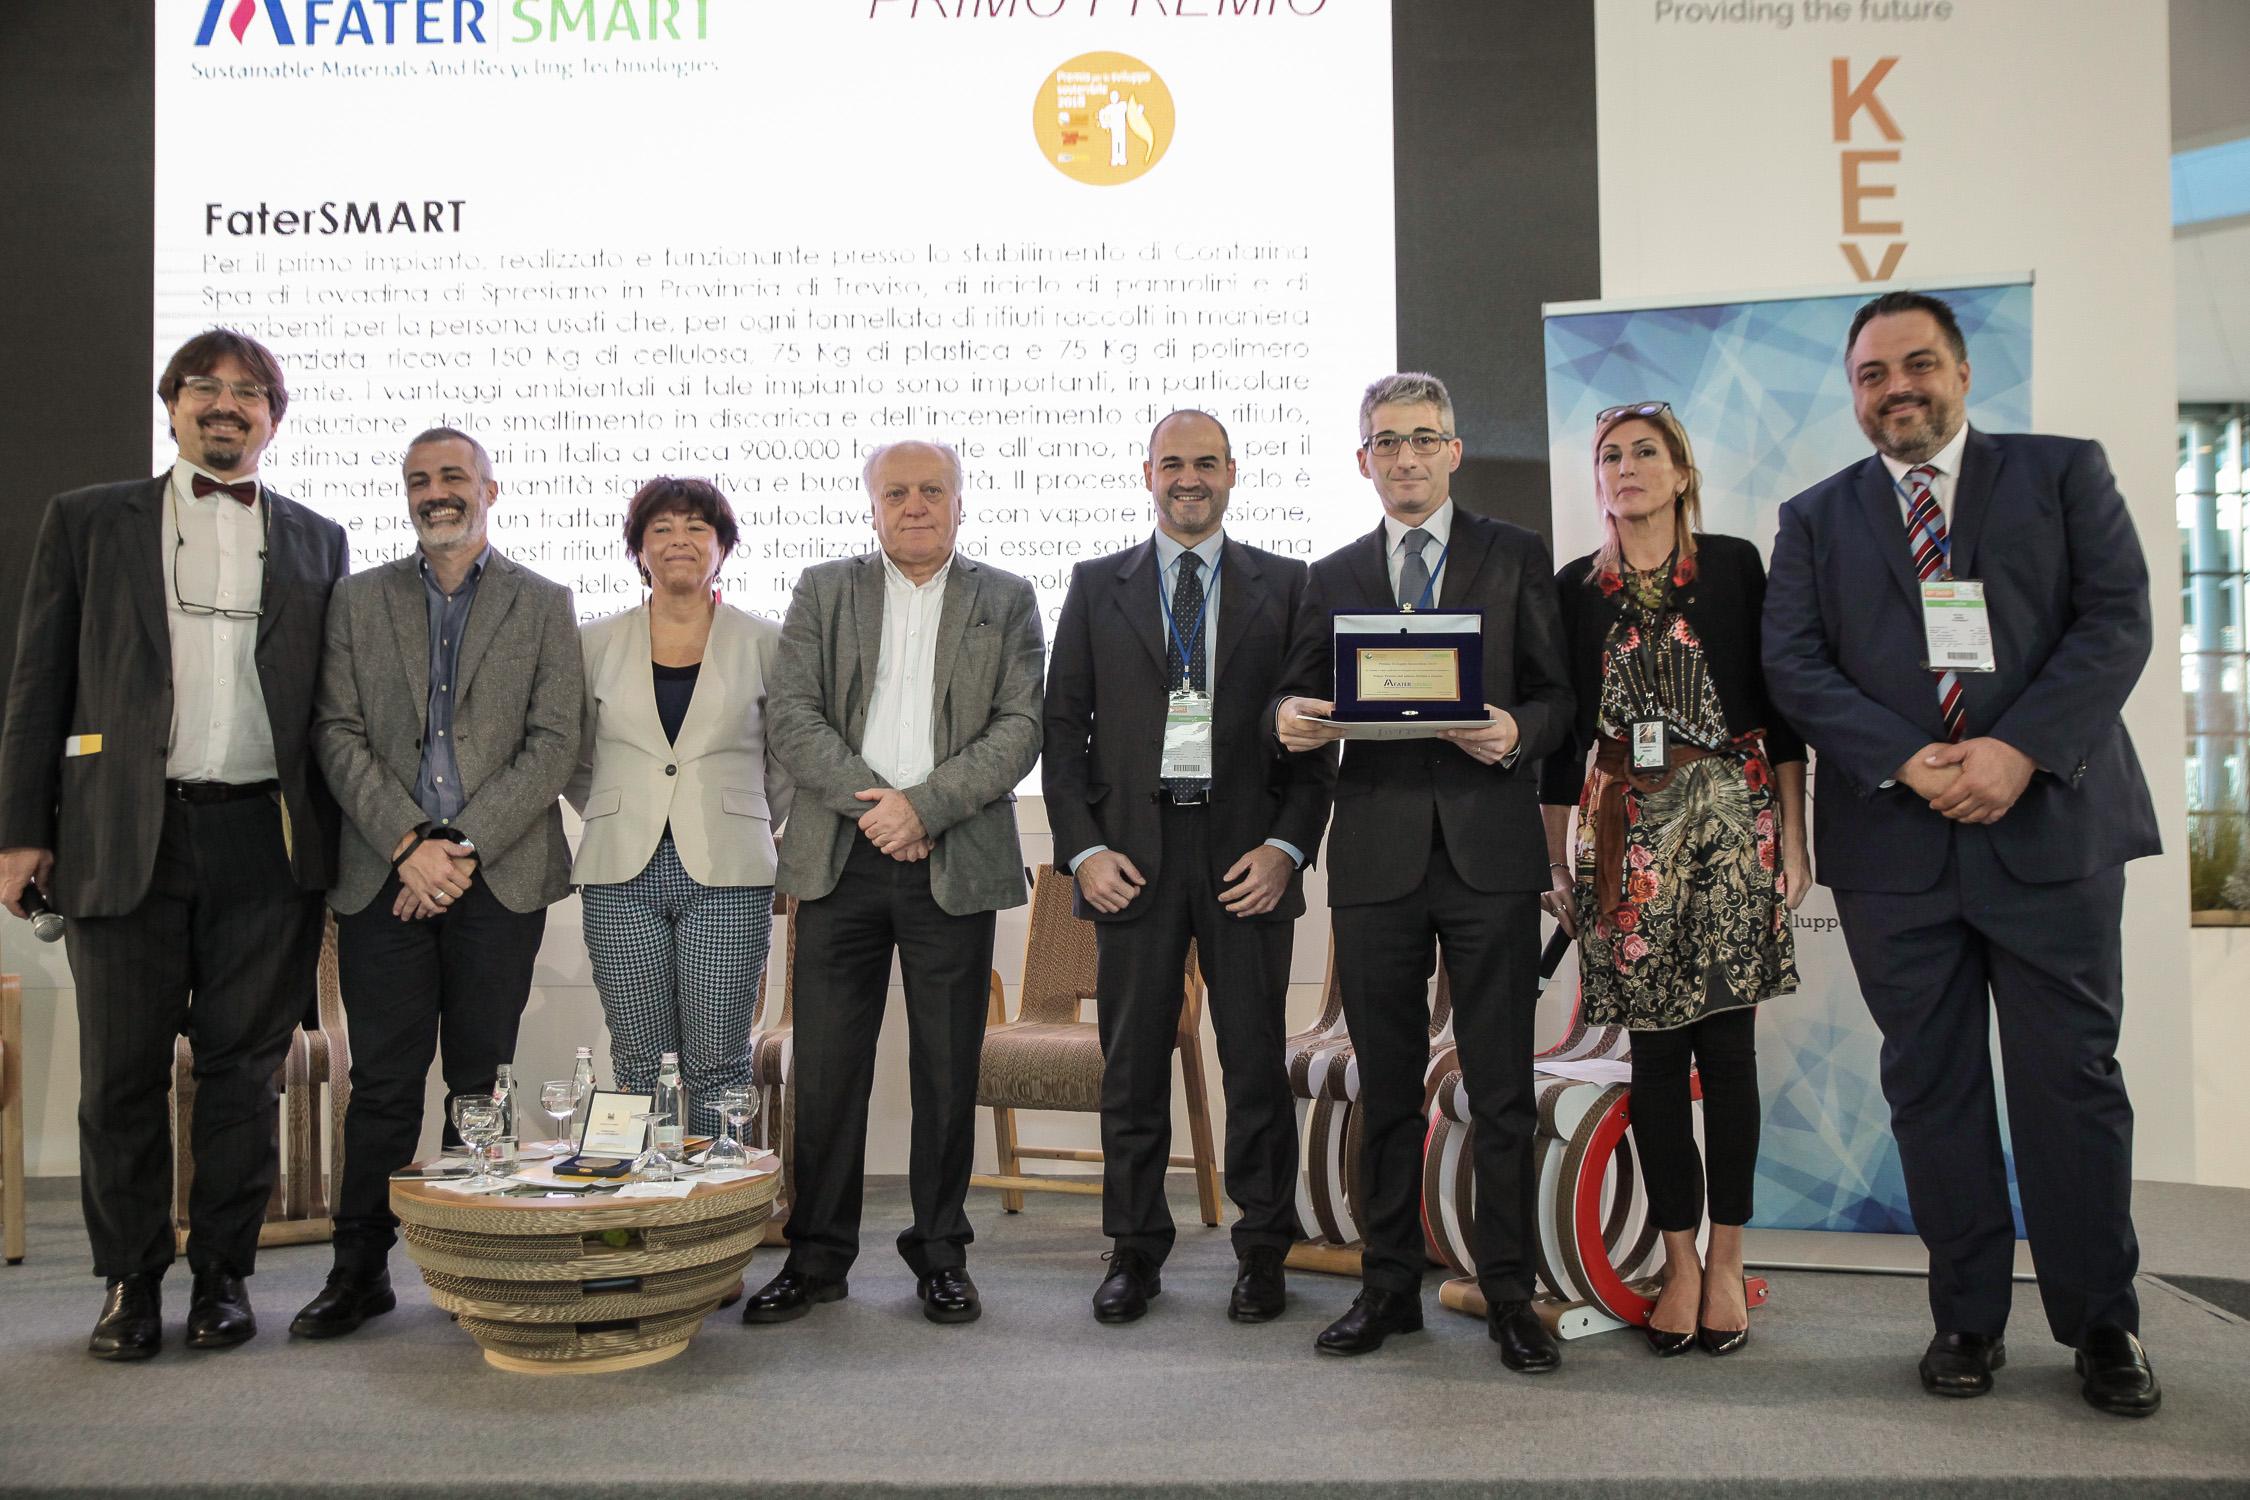 ECOMONDO-_Premio-per-lo-sviluppo-sostenibile-2018_Giovanni-Teodorani-Fabbri-Riccardo-Calvi-somma-Marcello1